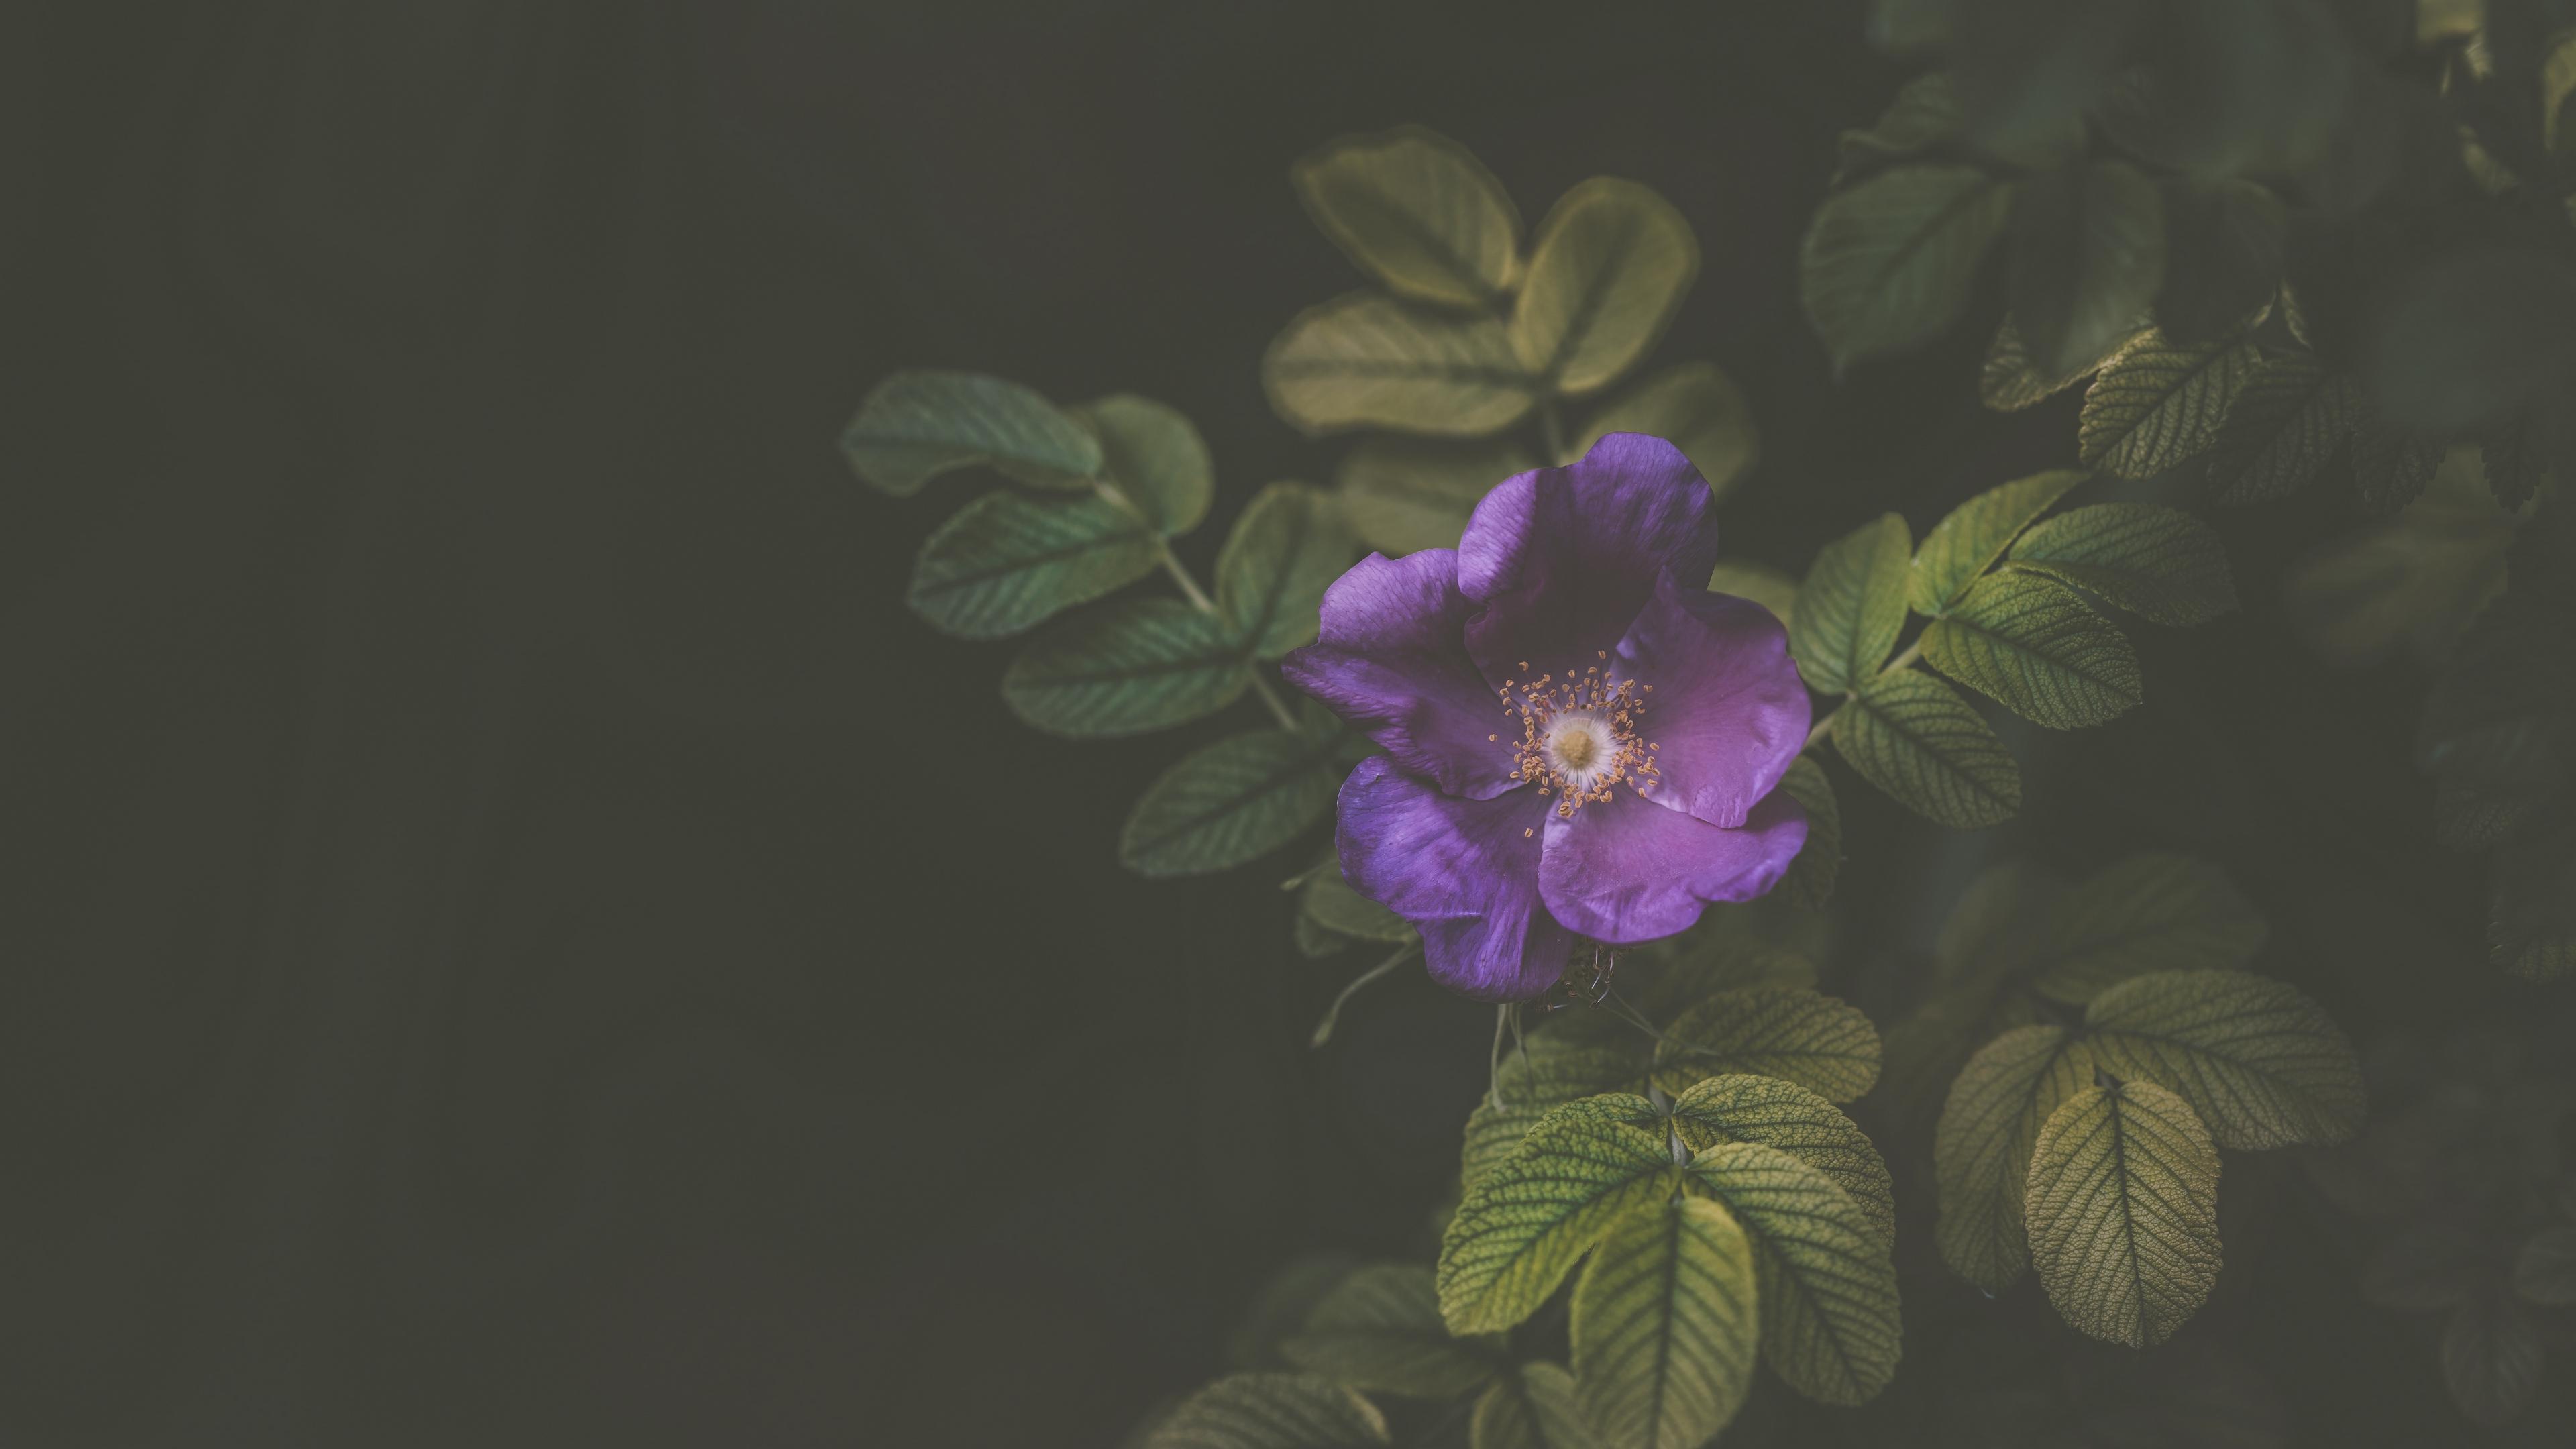 flower bush violet 4k 1540574368 - flower, bush, violet 4k - Violet, flower, Bush